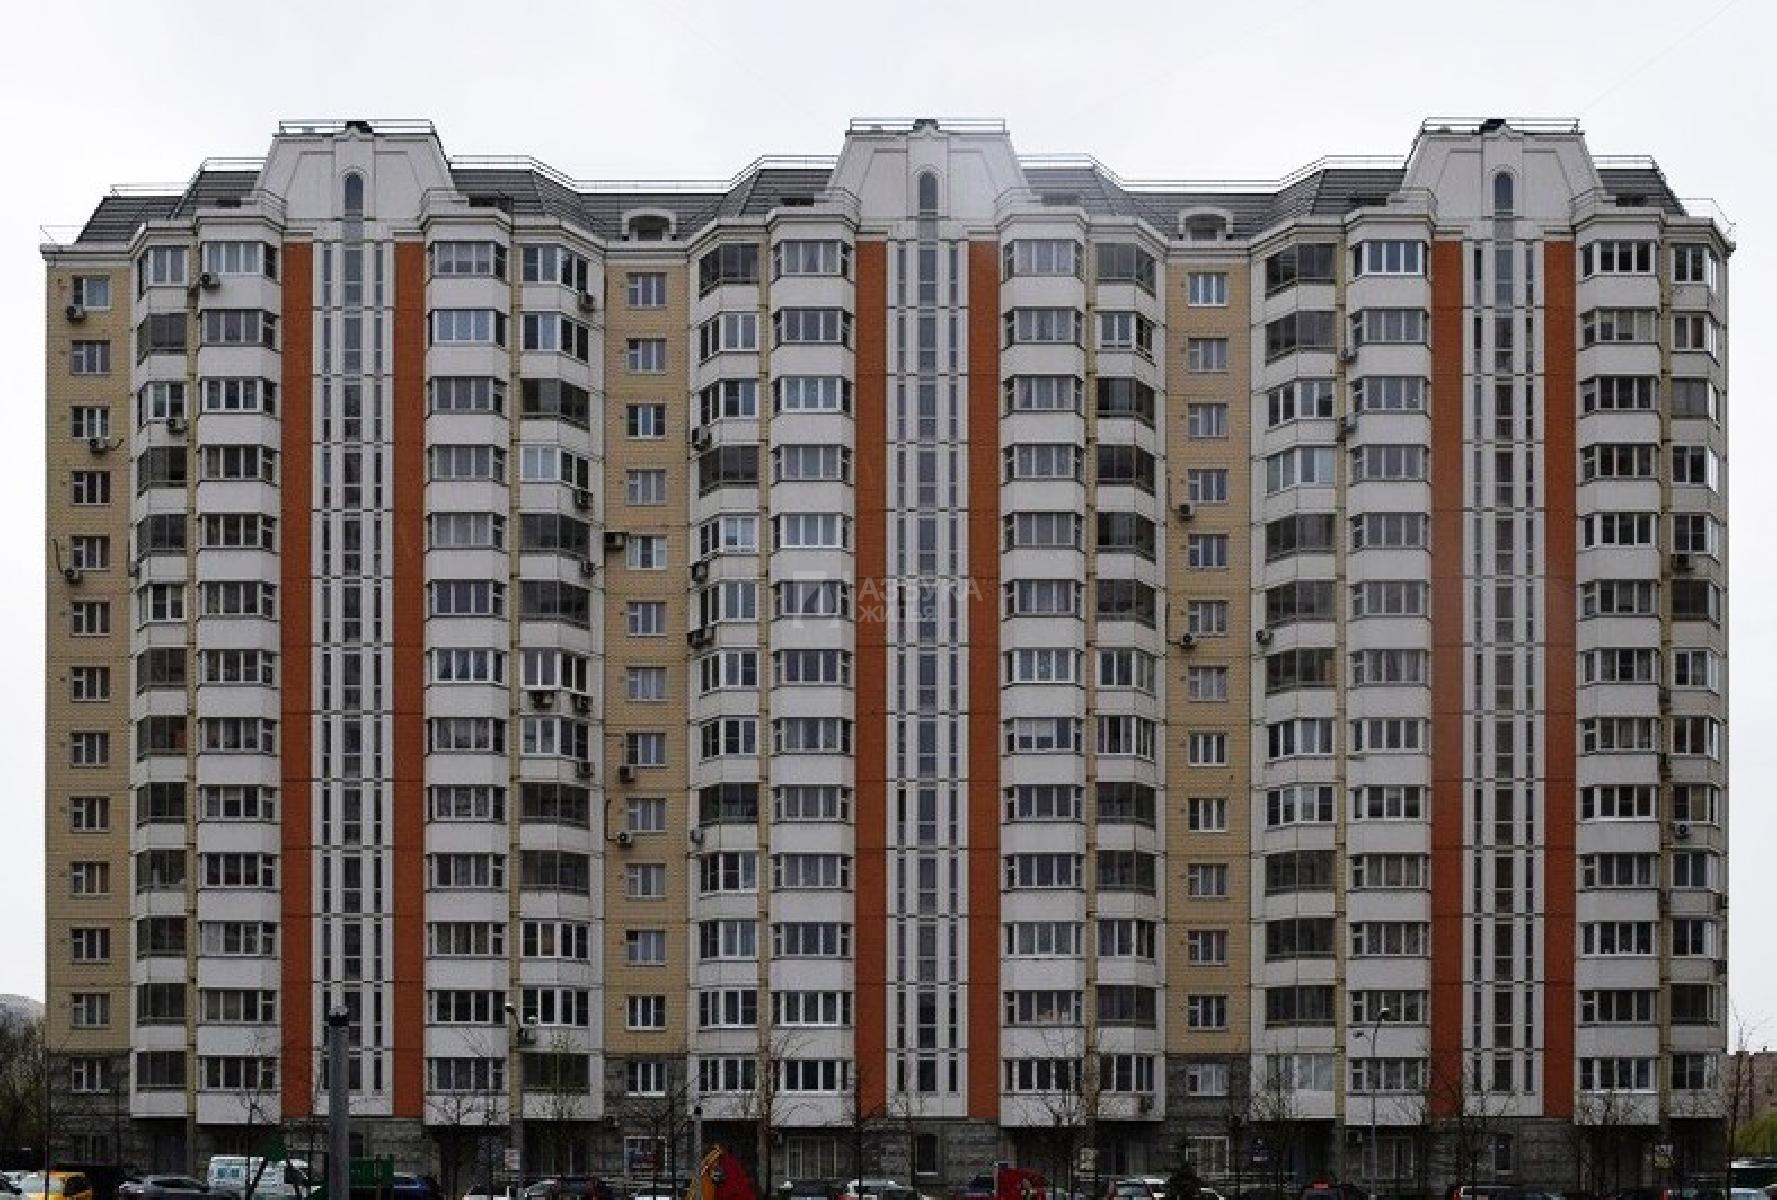 Фото №1 - 2-комнатная квартира, Москва, Загородное шоссе 8 корпус 2, метро Крымская